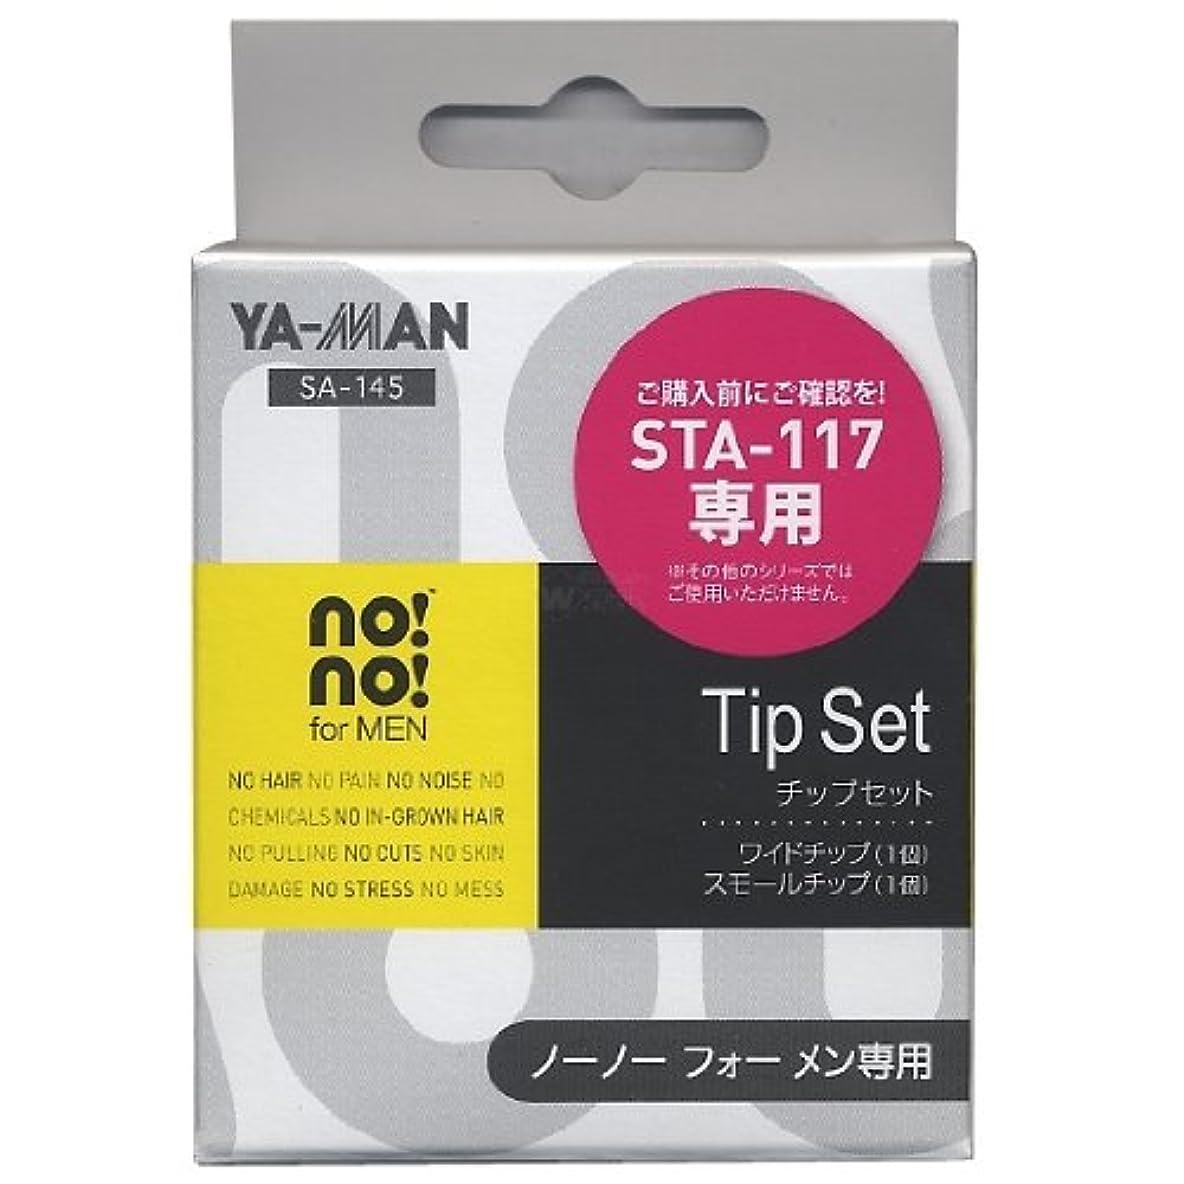 アレルギー性ジャズ拷問ヤーマン ノーノーフォーメン 専用 ブレードチップセット ワイド×1 スモール×1 SA-145